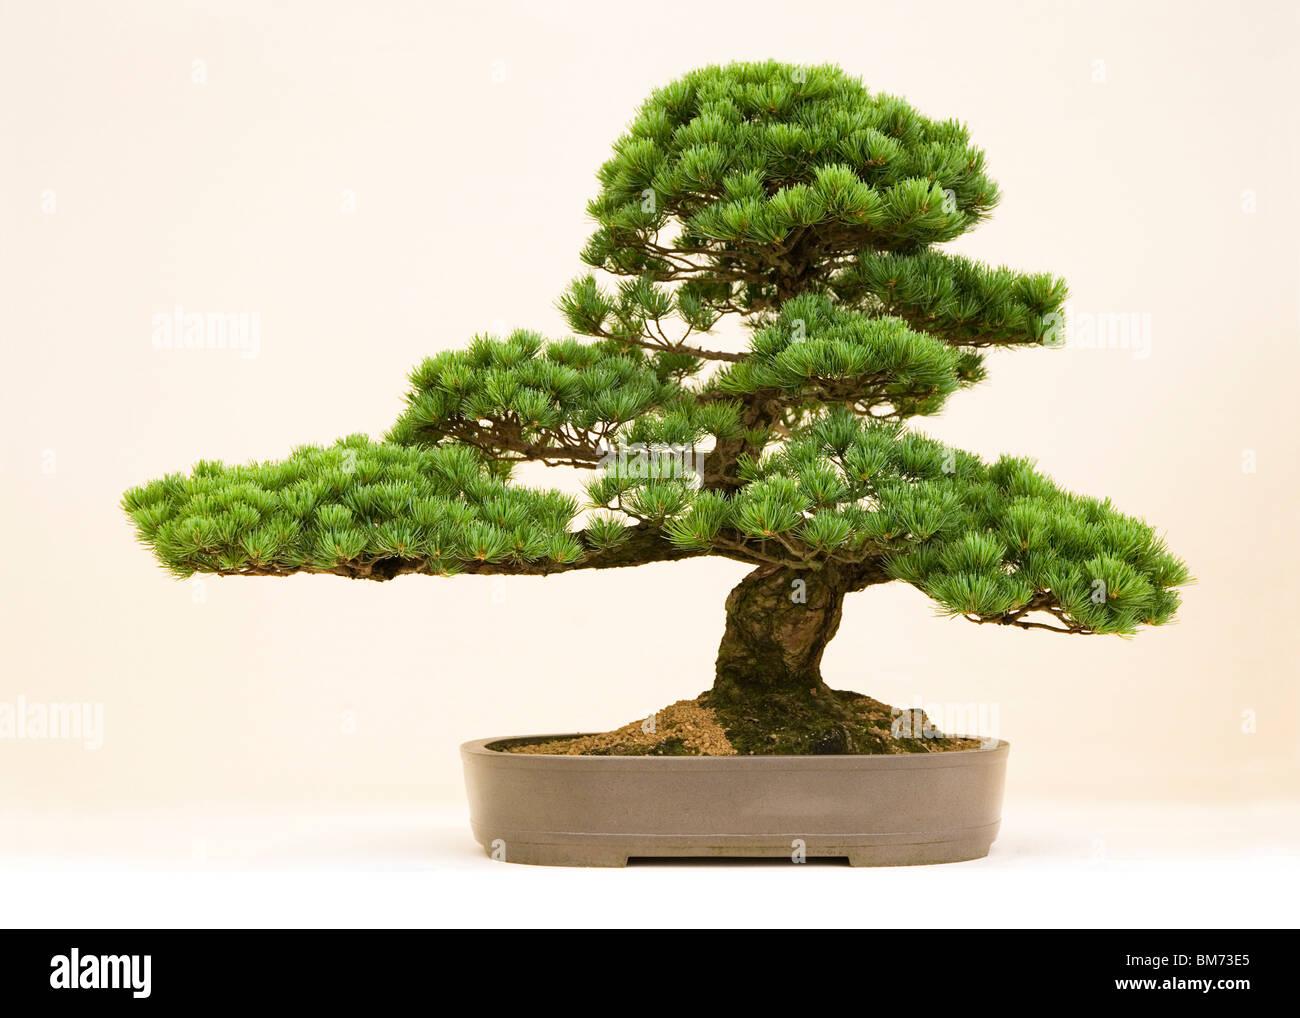 Bonsai-Baum auf dem Display gegen weiß im Tontopf mit interessanten Form im Studio, grüne Blätter, japanische hobby Stockfoto